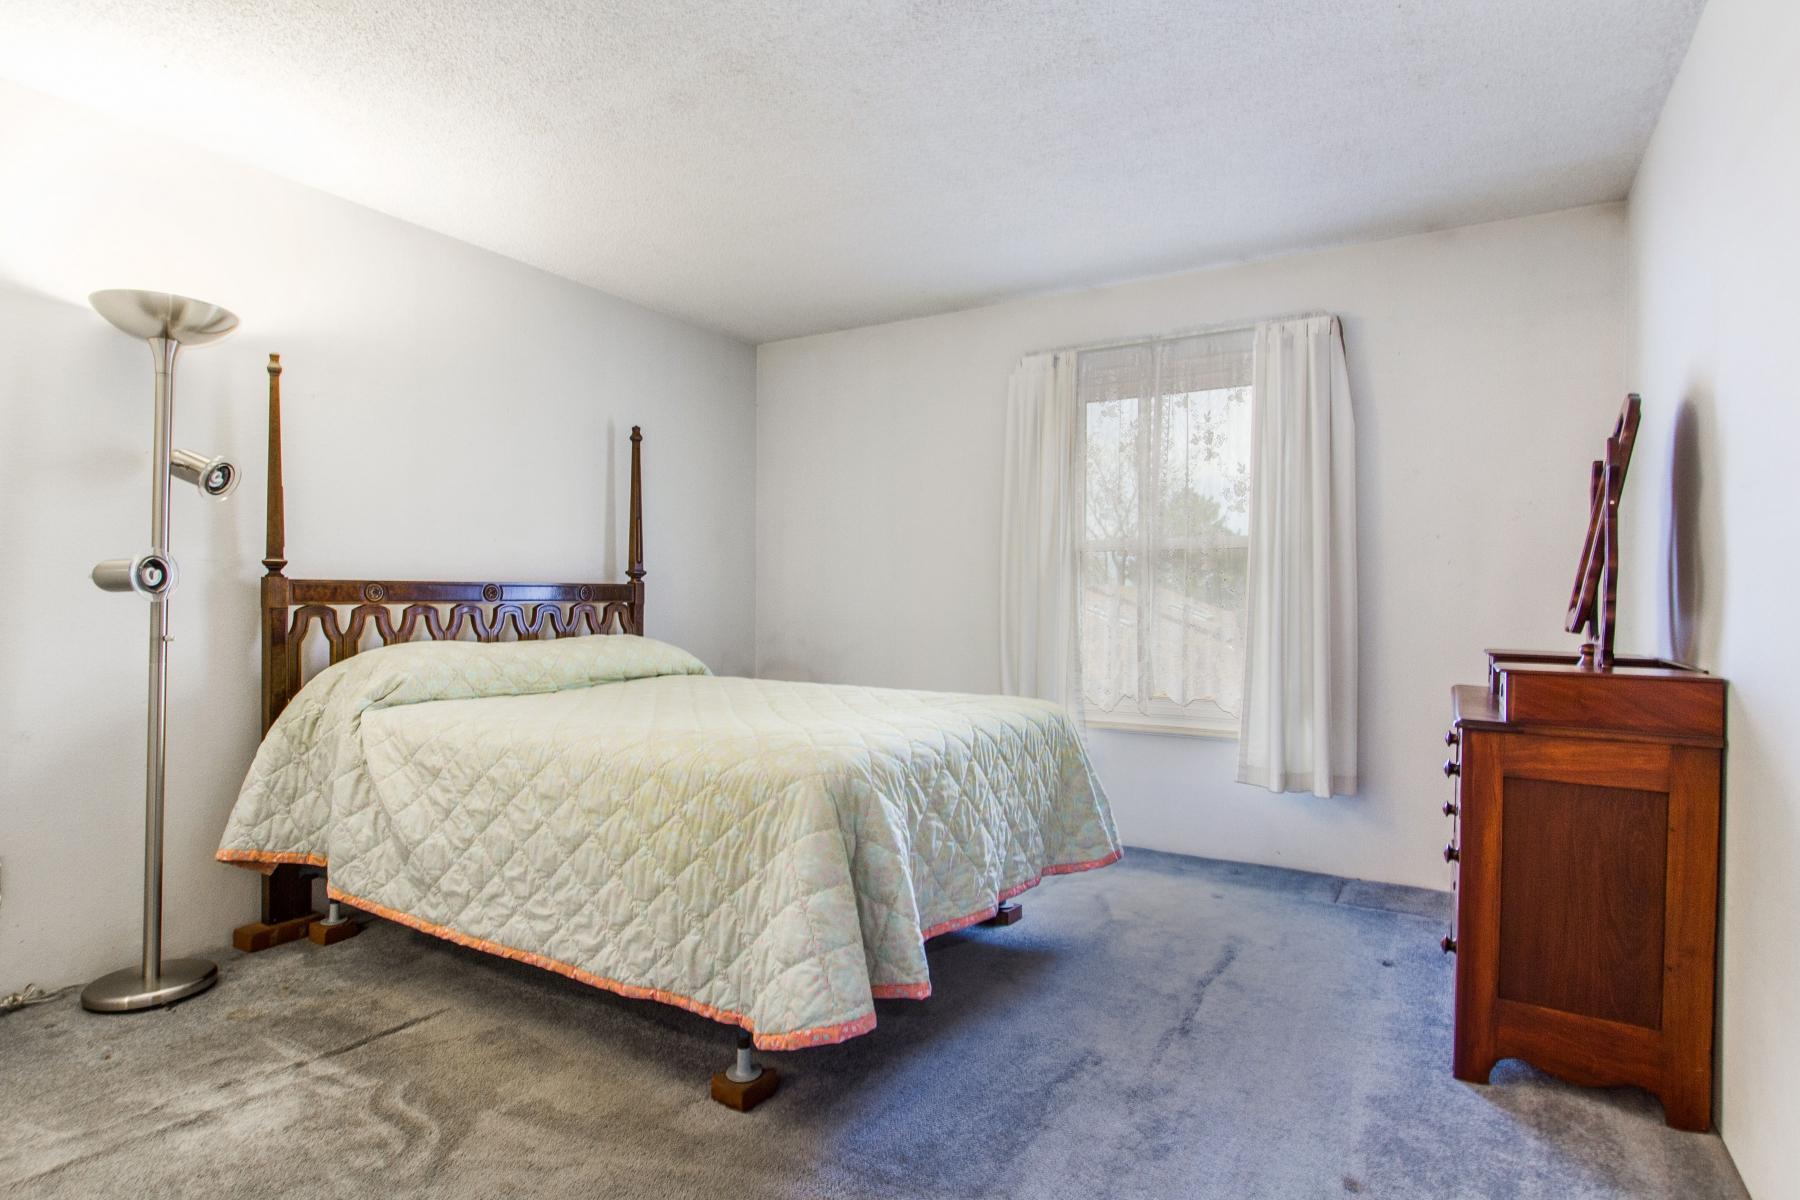 Bedroom_1800x1200_2694118.jpg